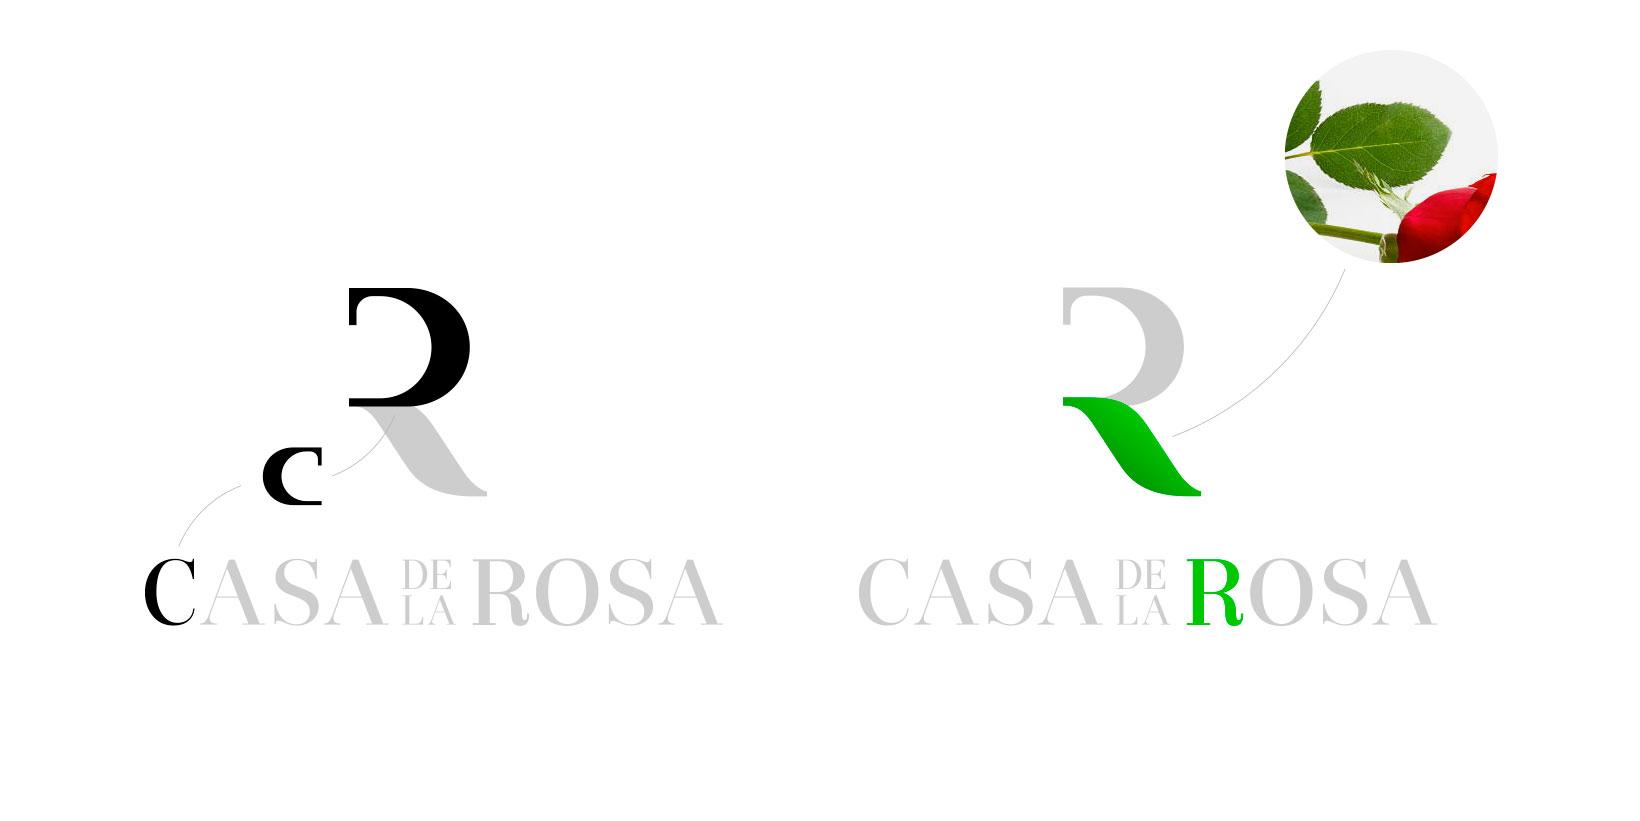 Логотип + Фирменный знак для элитного поселка Casa De La Rosa фото f_3955cd2c295d8930.jpg